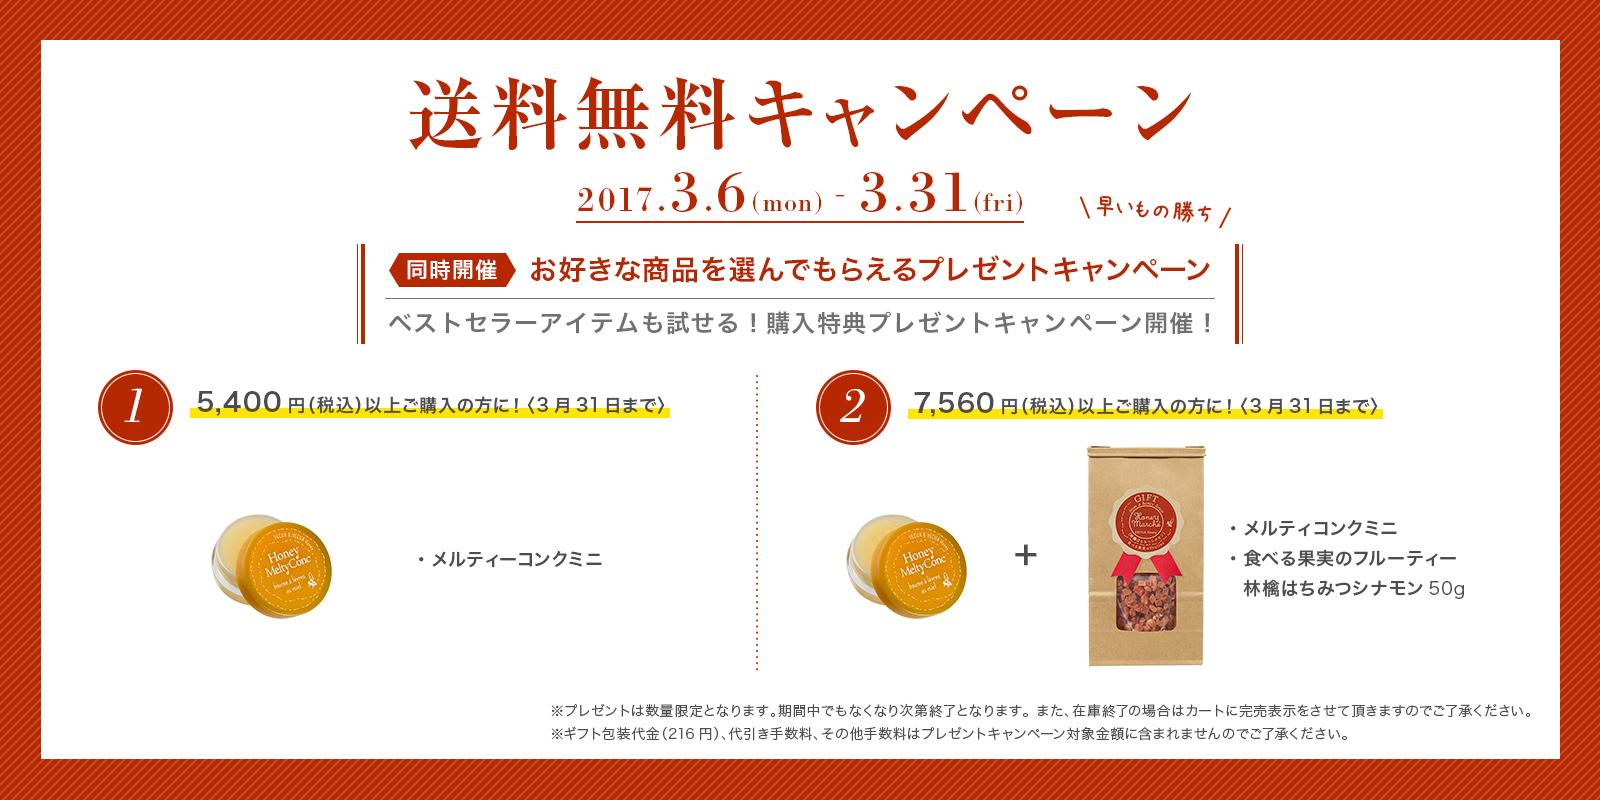 送料無料のお知らせ!3/6(mon)〜3/31(fri)まで